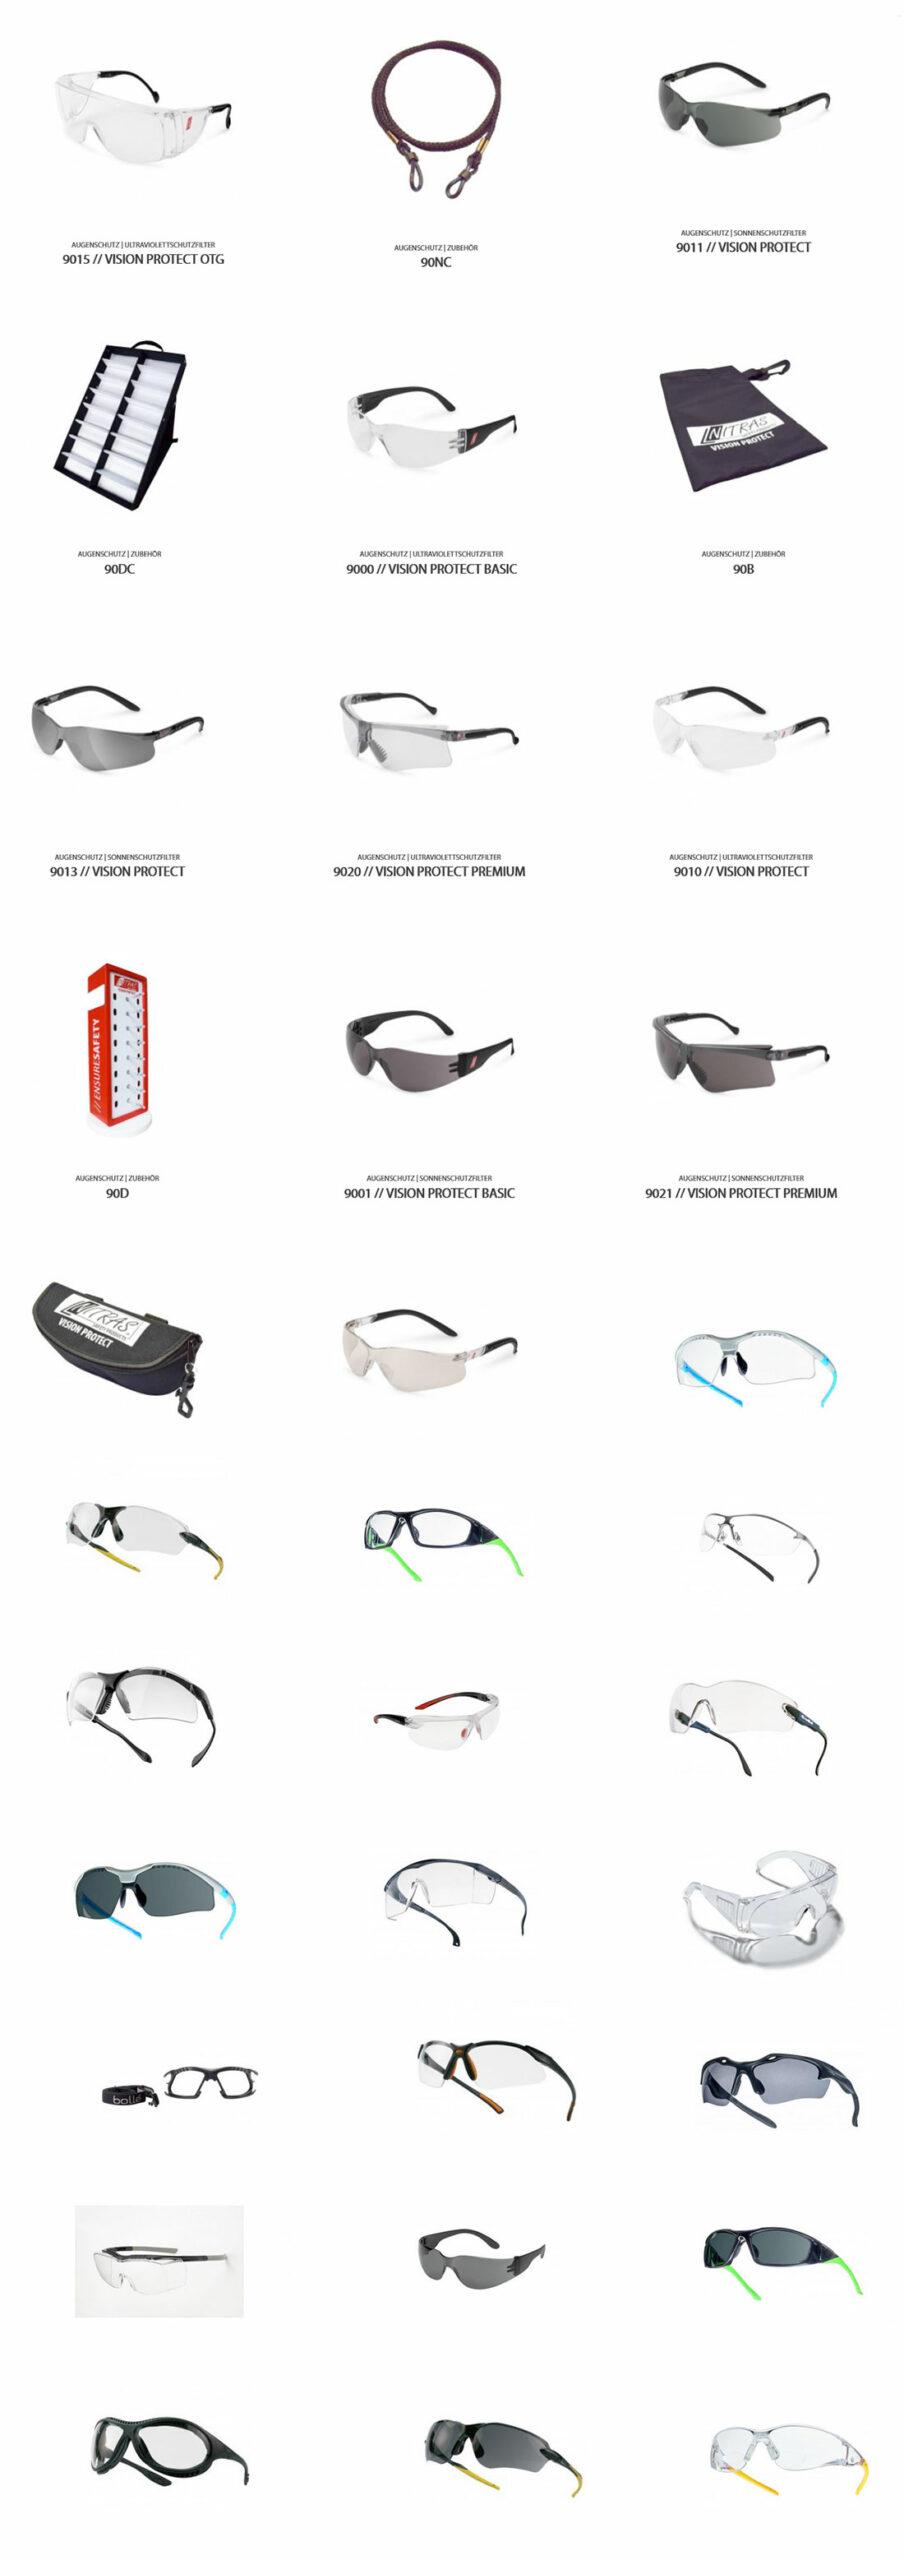 Übersicht Schutzbrillen